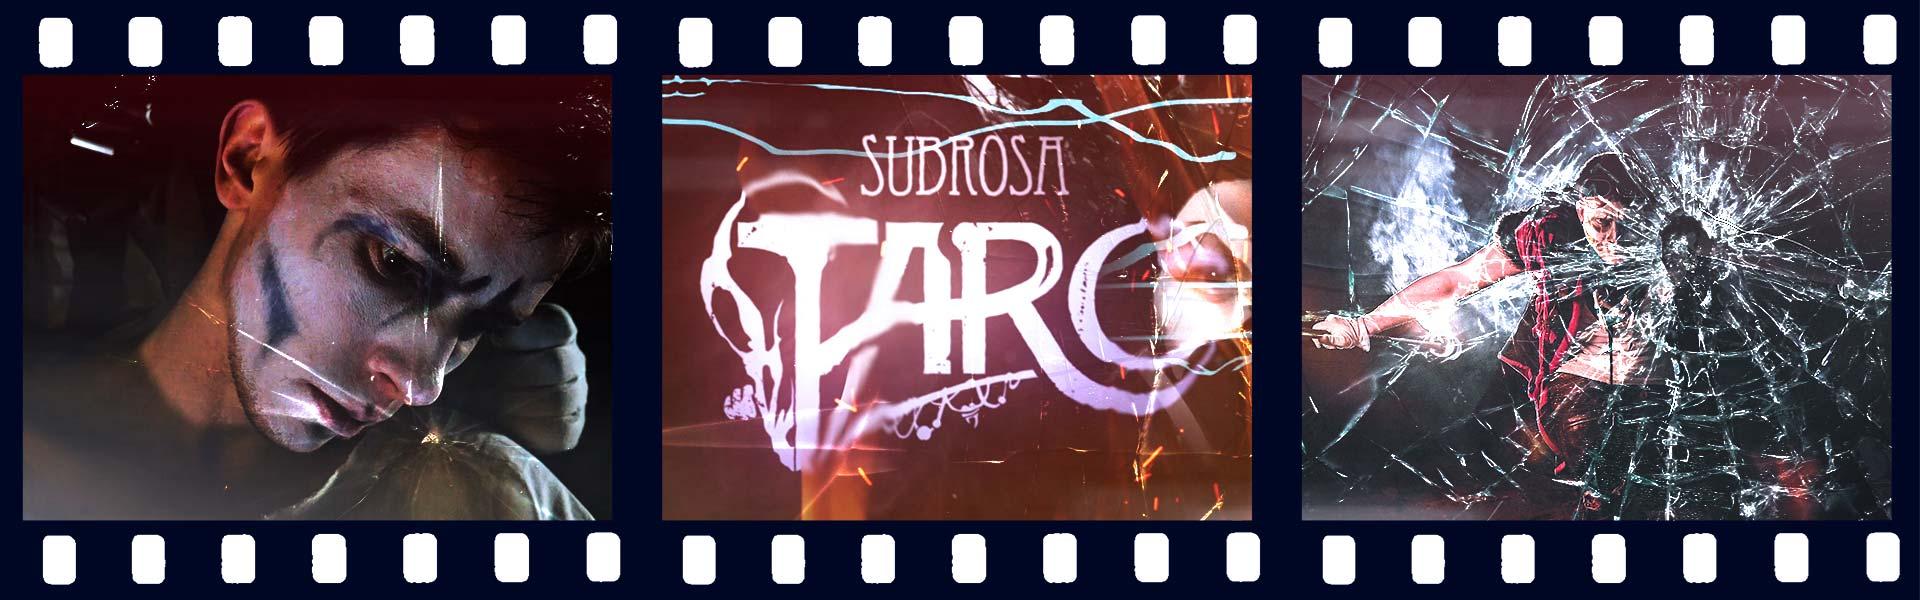 Тизер «ТАРО» Спектакль театра уличного искусства «SubRosa», 2017